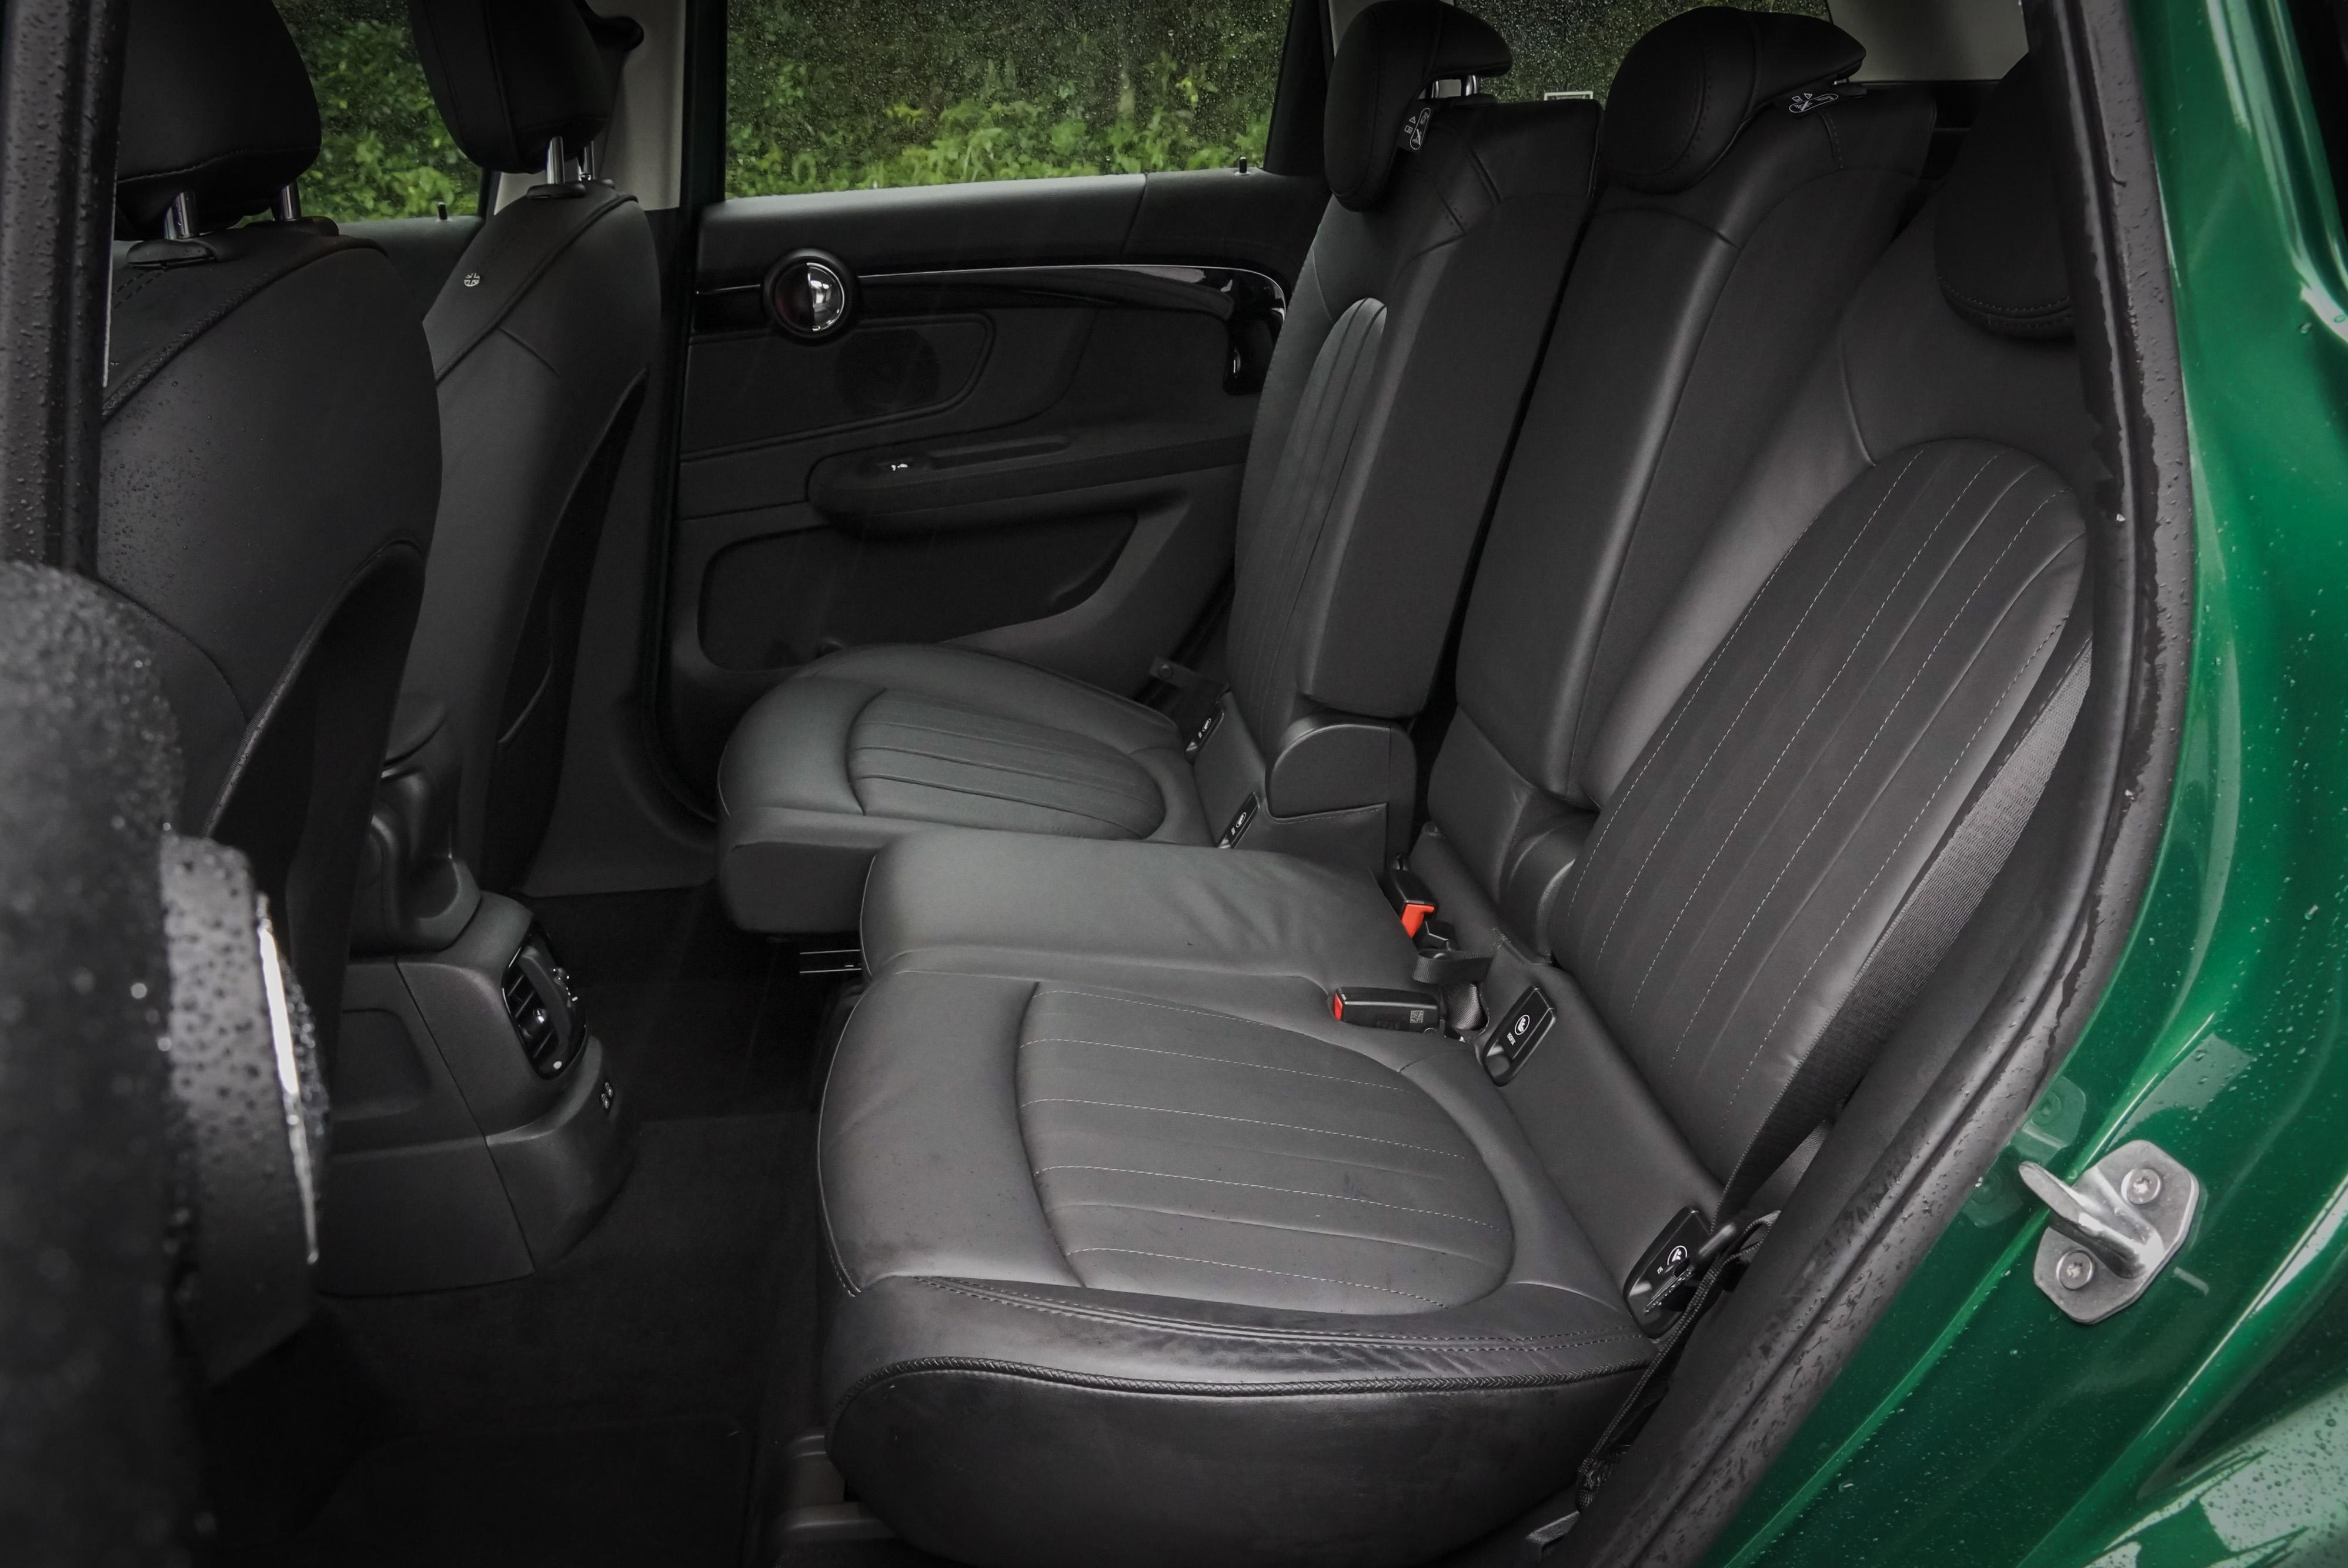 後座可前後滑移 13 公分,且椅背角度可調整。